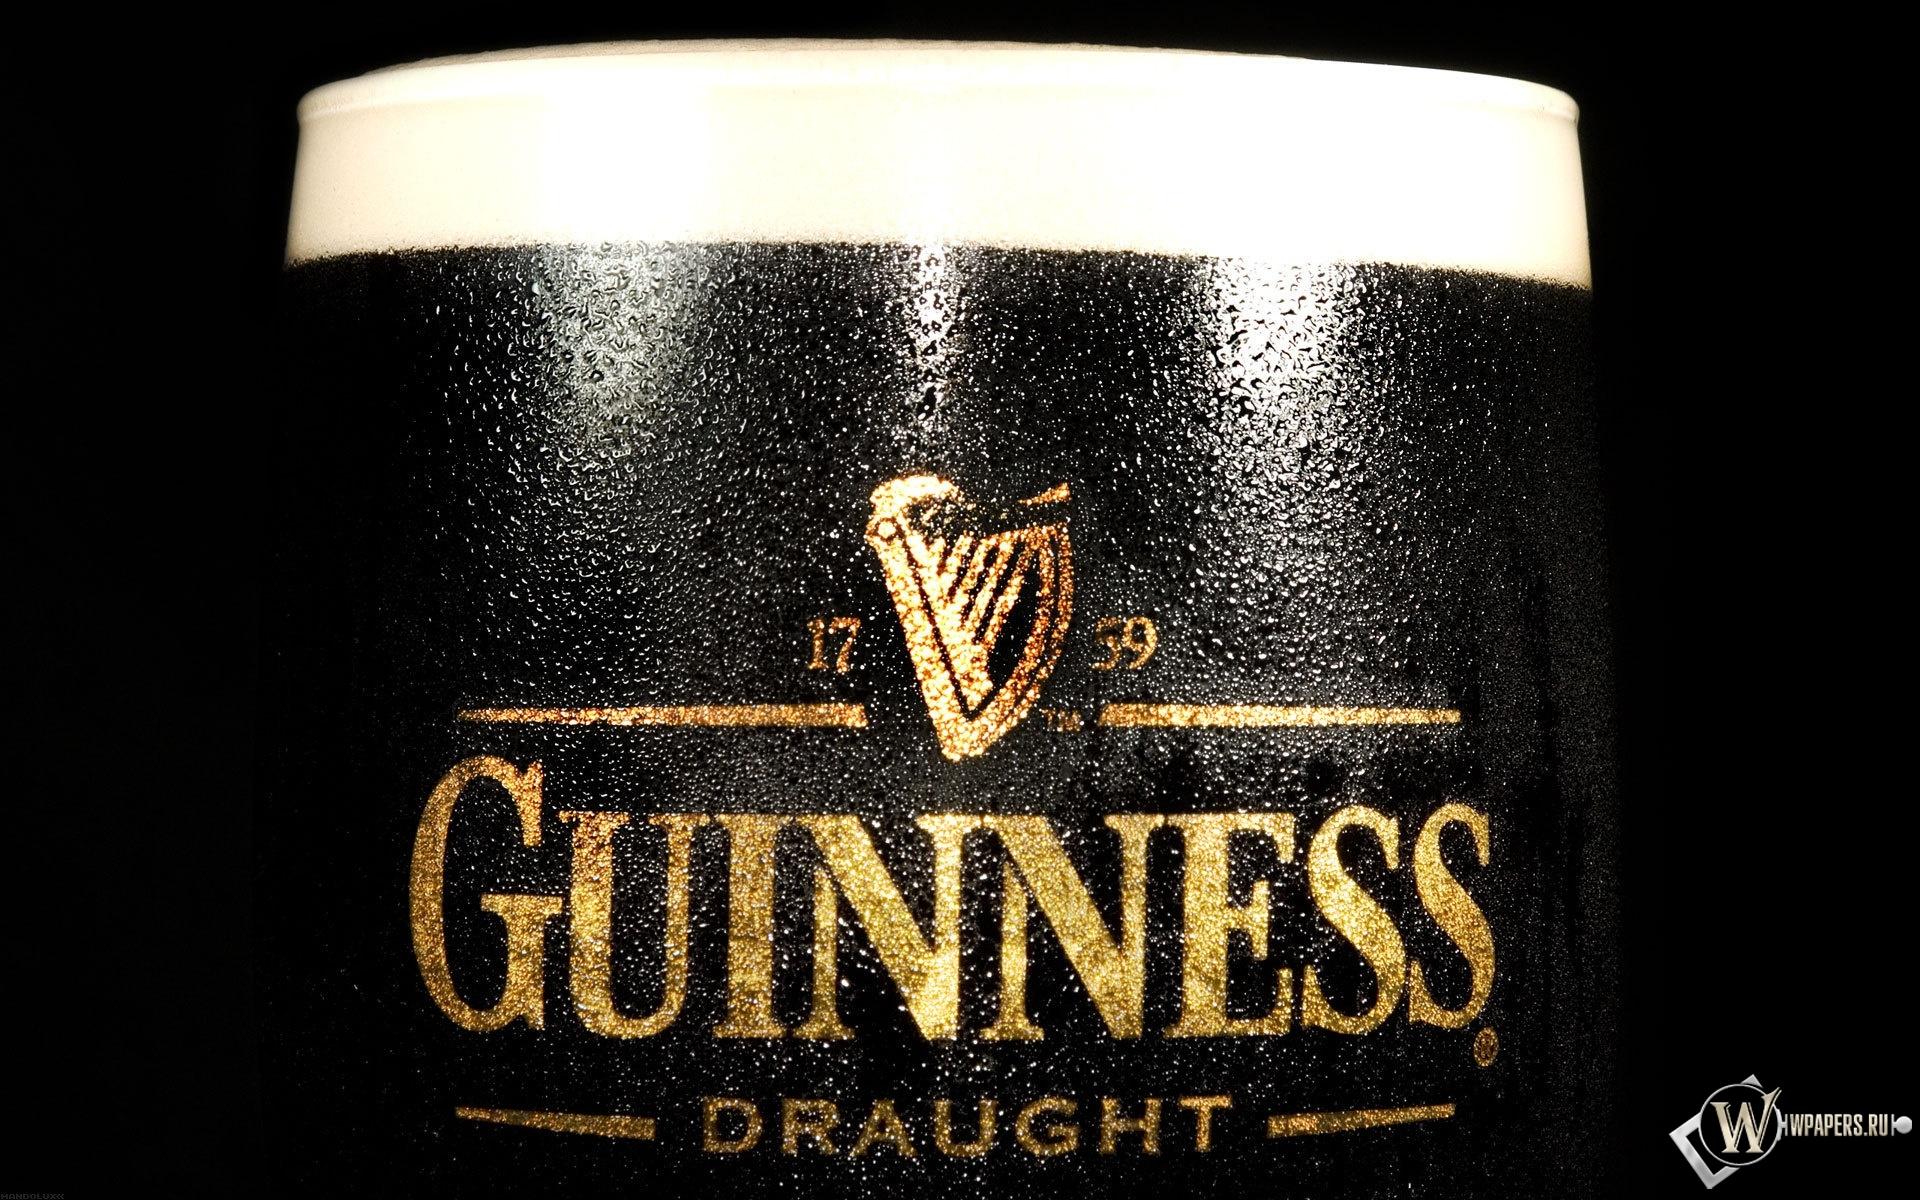 Пиво Guinness 1920x1200